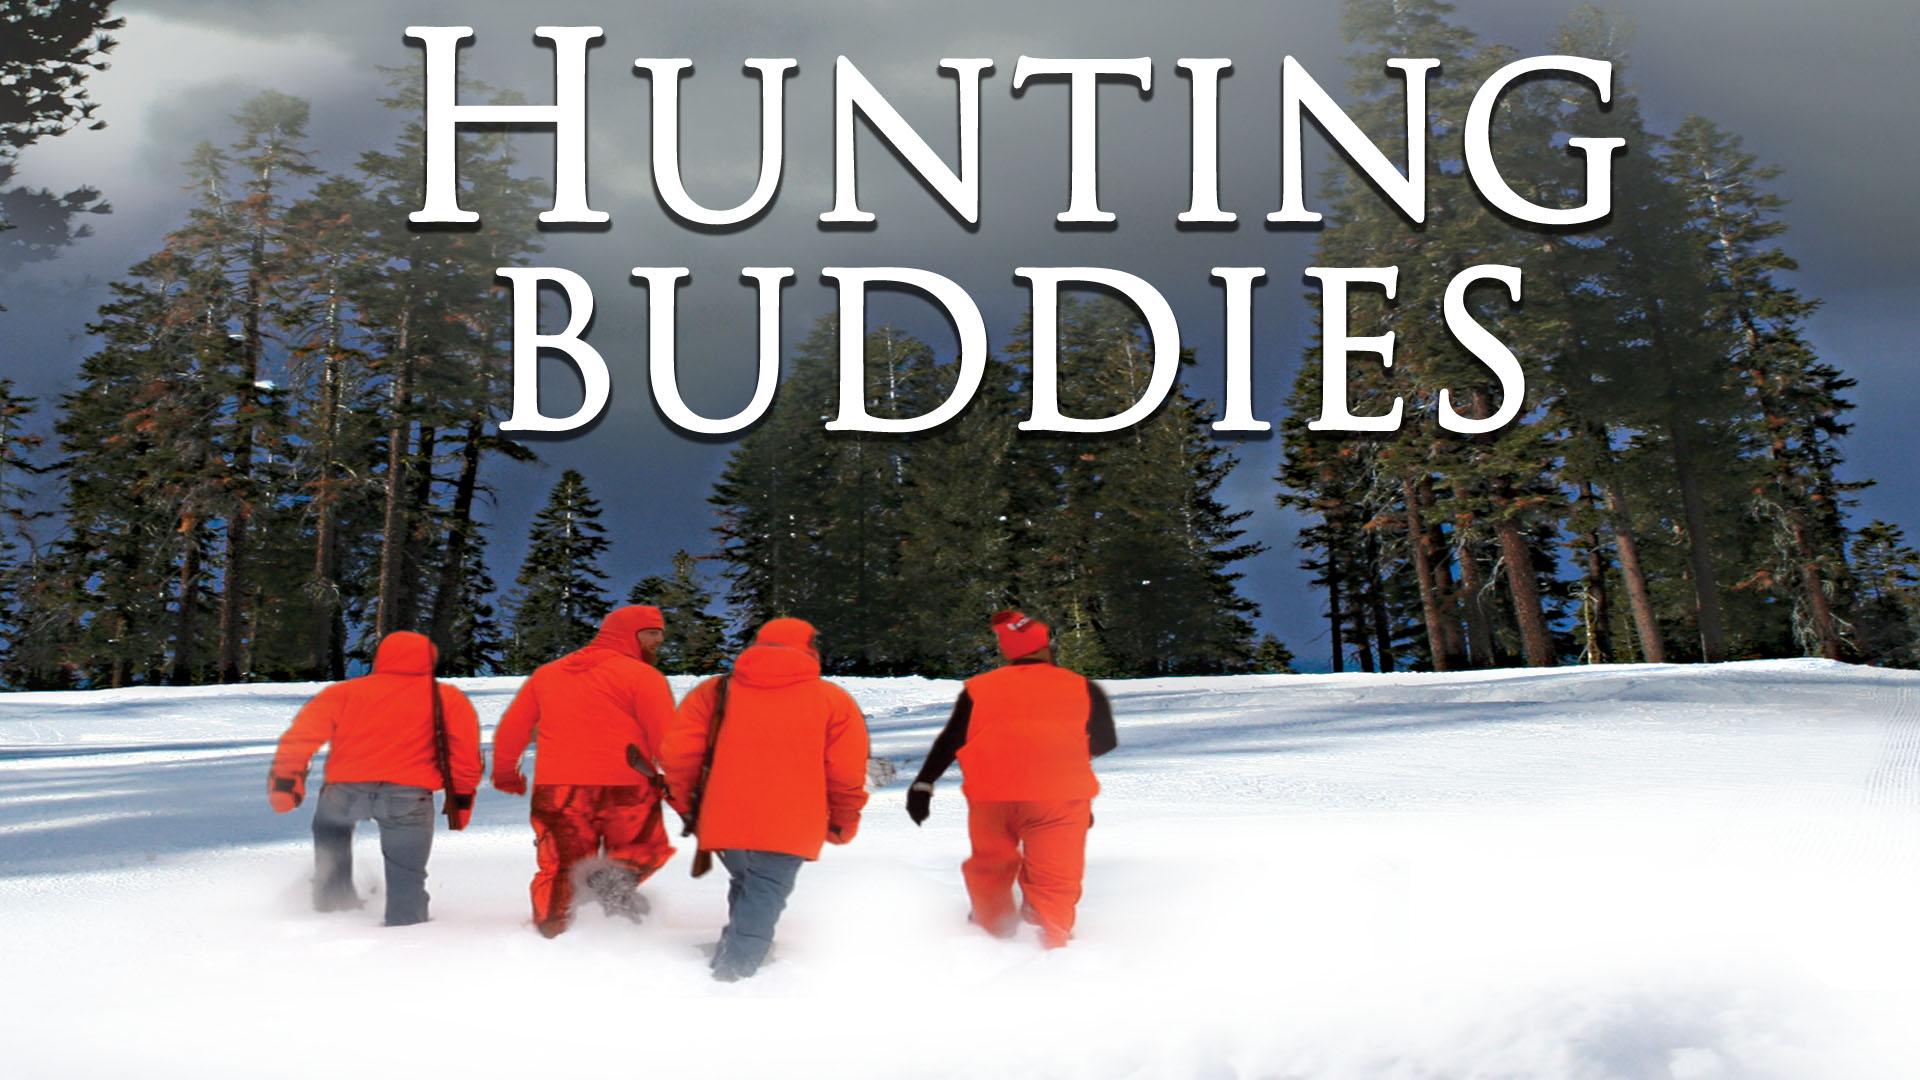 Hunting Buddies